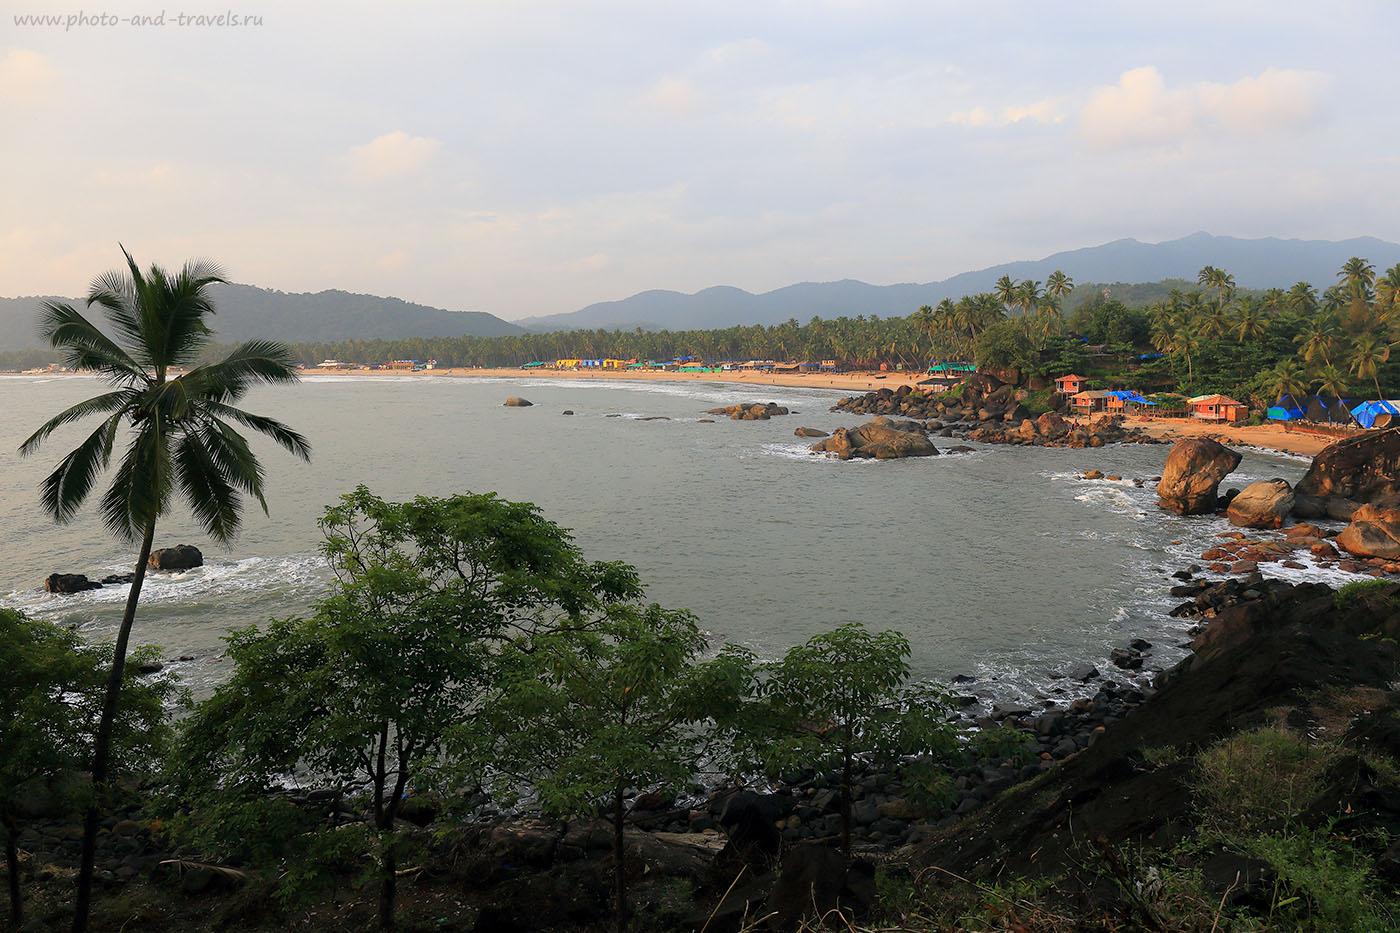 Фото 3. Вид на Палолем с мыса. Отзывы туристов о самостоятельном отдыхе штате Гоа в Индии (24-70,1/160, -1eV, f9, 24 mm, ISO 100)